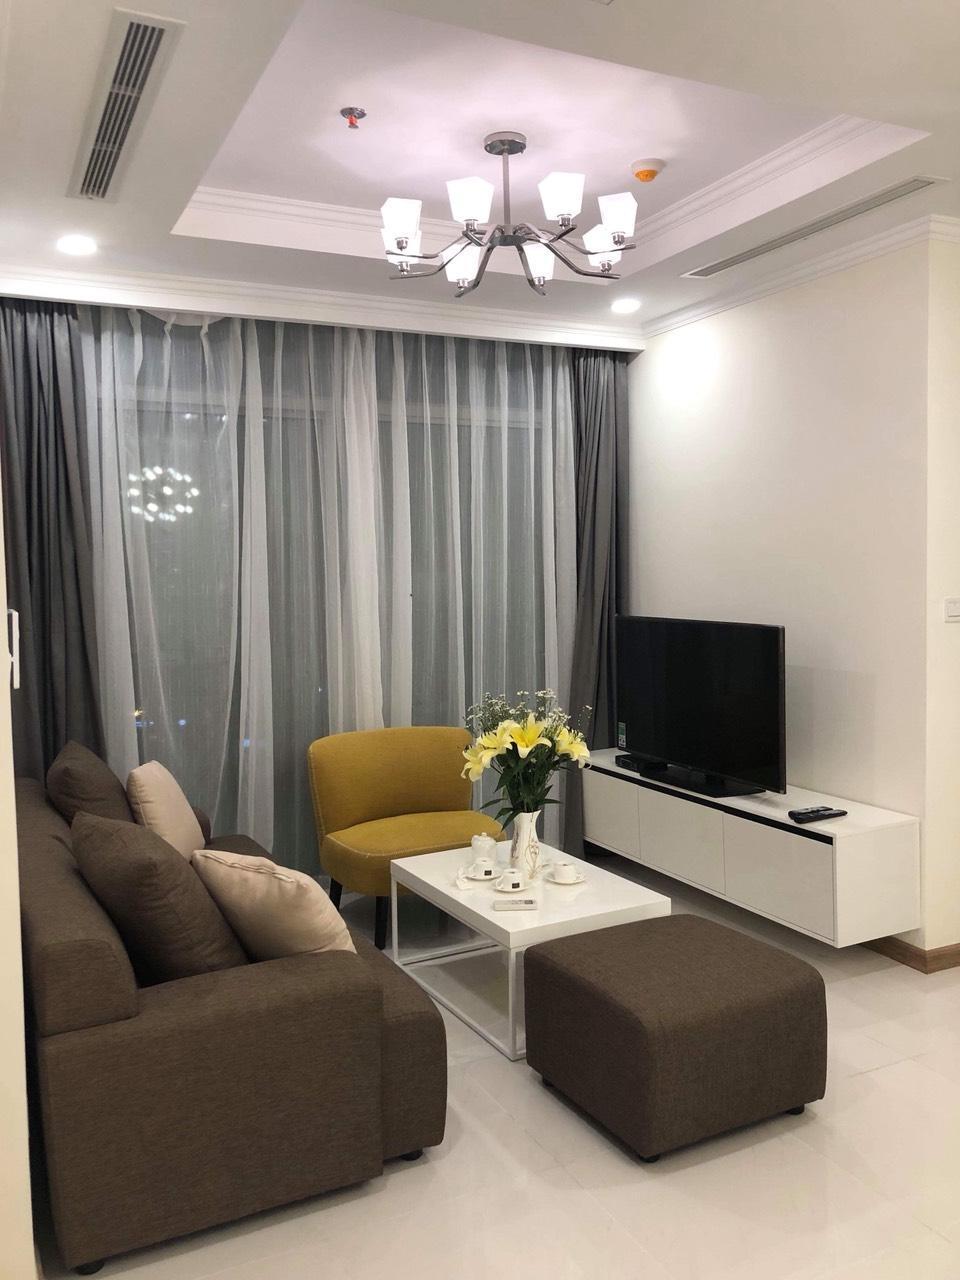 Saigonhost   Luxury 2BRM With Bacolny